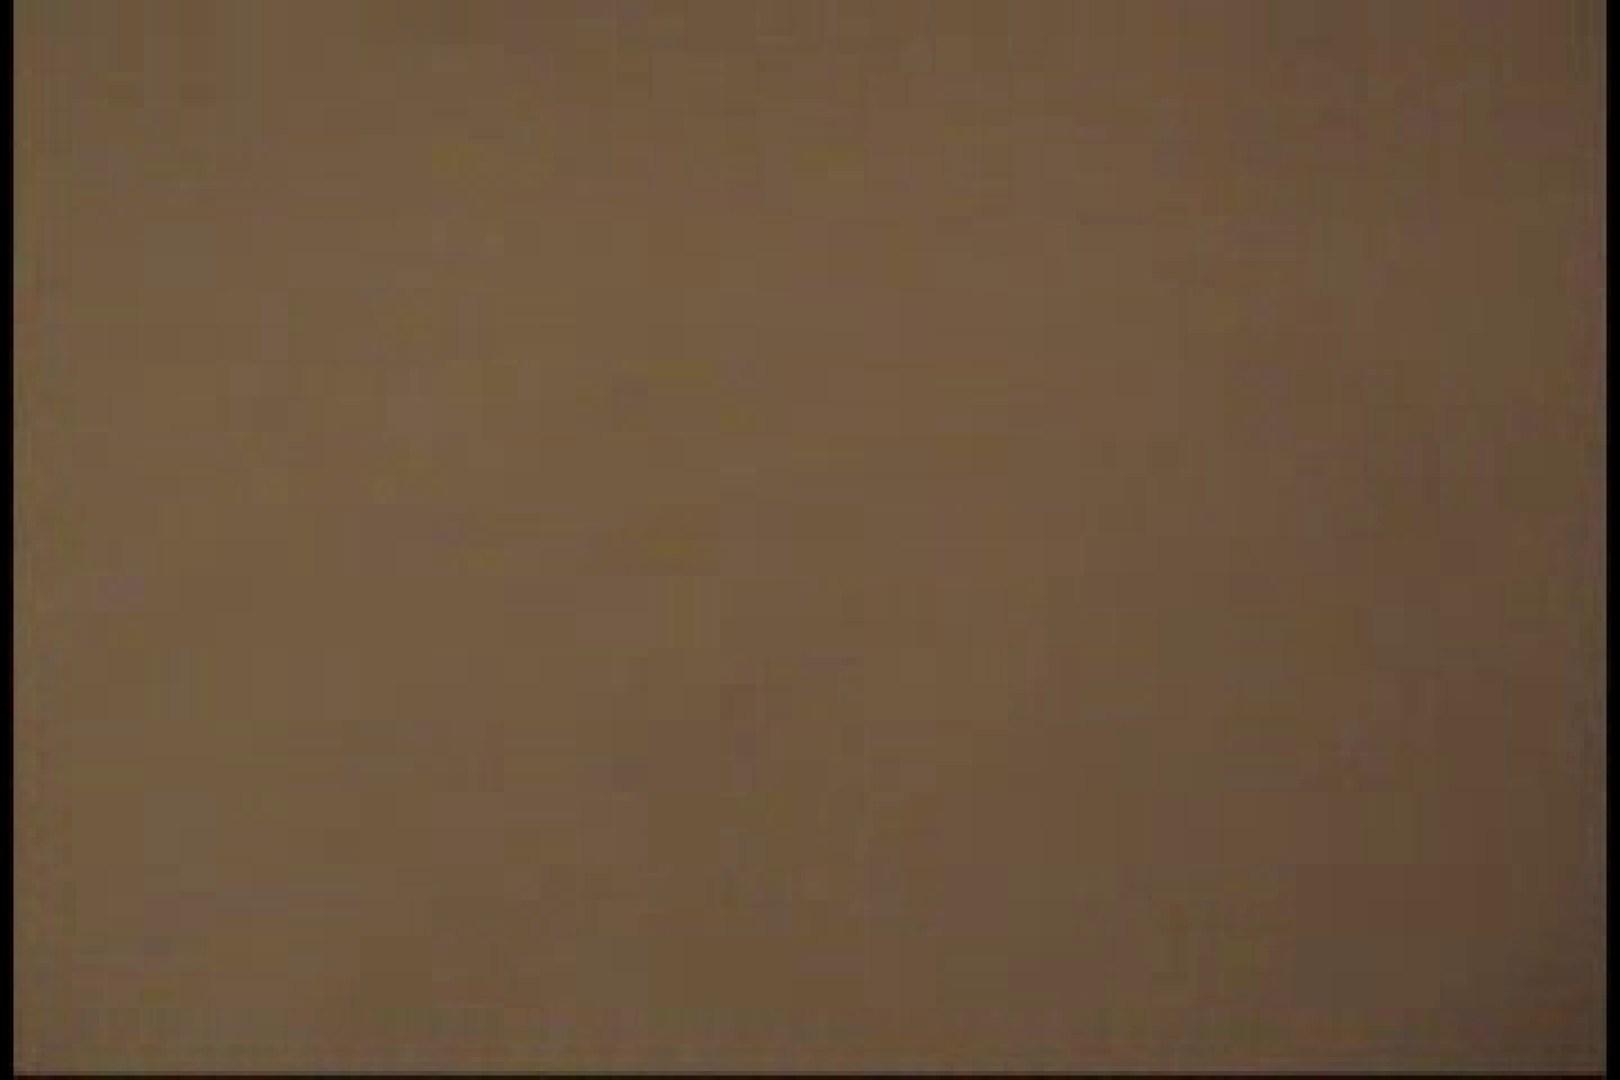 三ツ星シリーズ!!陰間茶屋独占!!第二弾!!イケメン羞恥心File.06 アナル責め ゲイ発射もろ画像 68枚 21